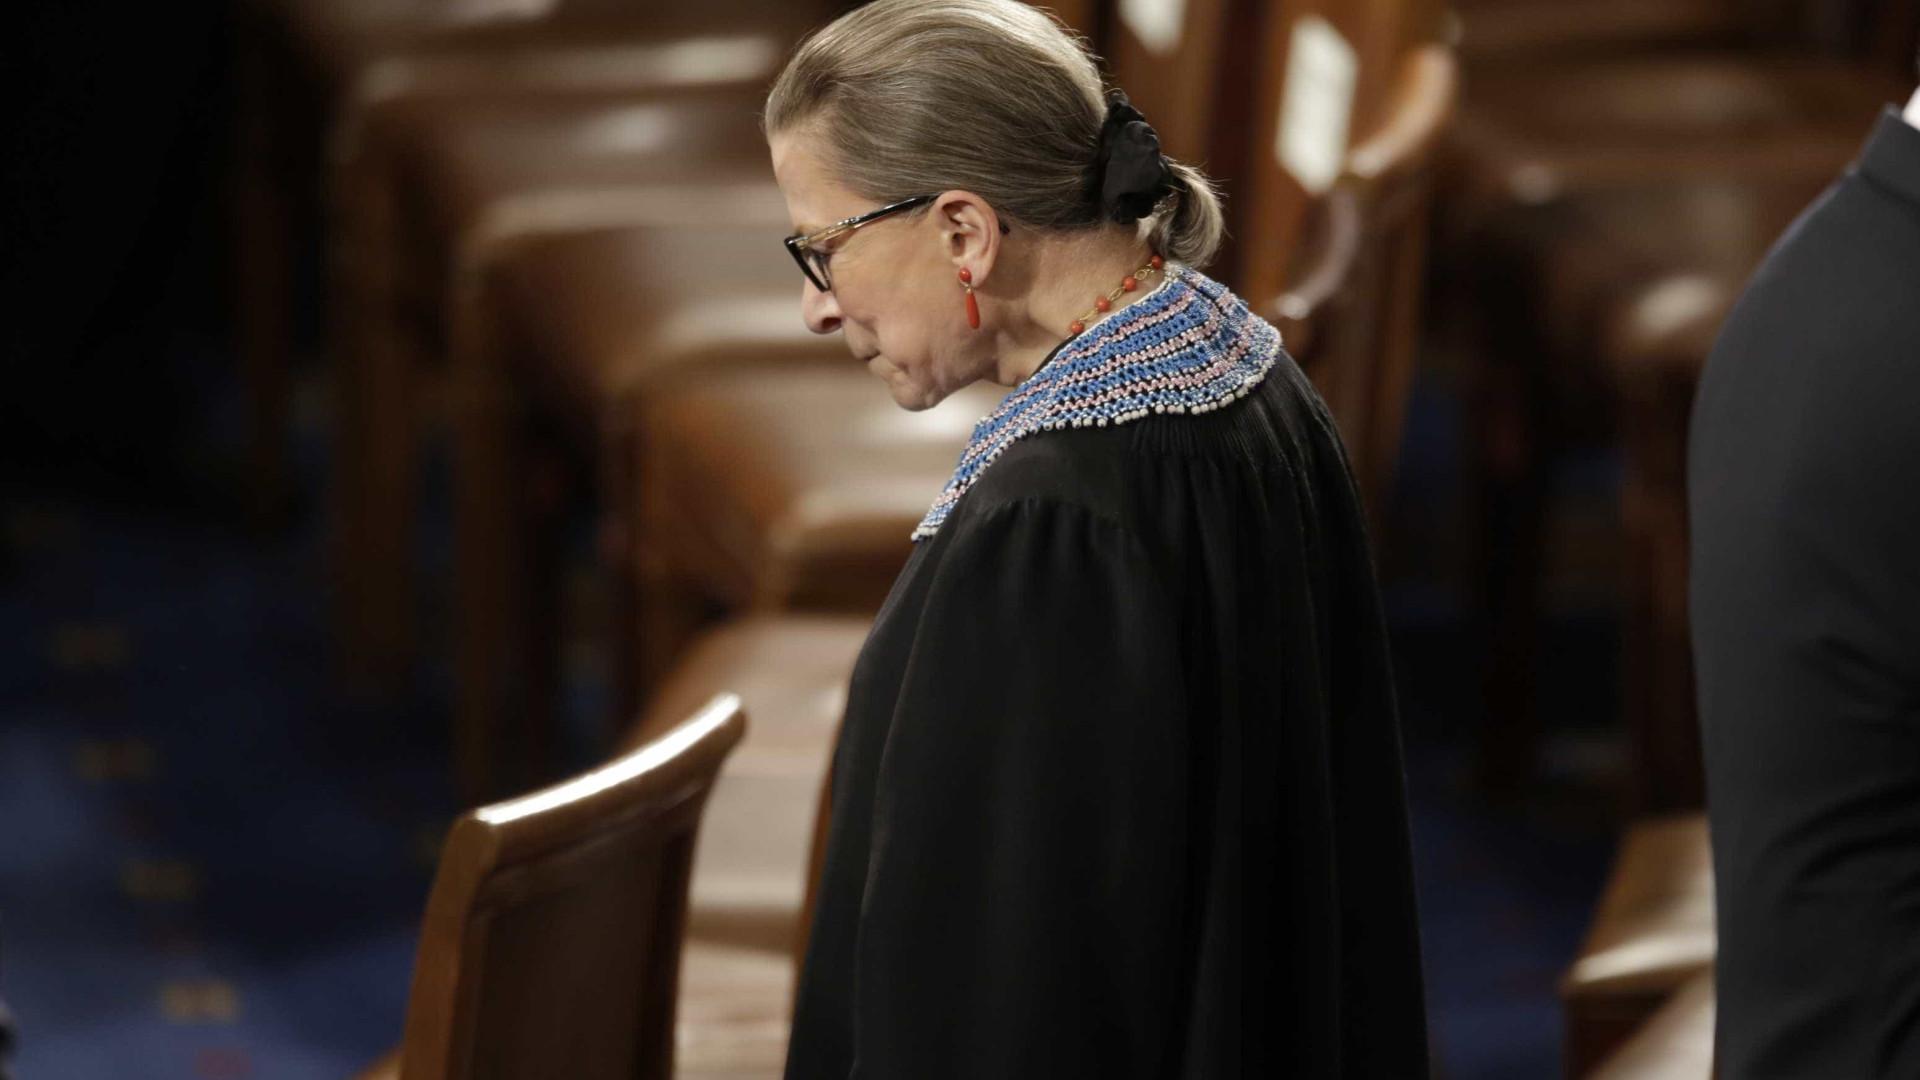 Juíza da Suprema Corte dos EUA é internada após queda